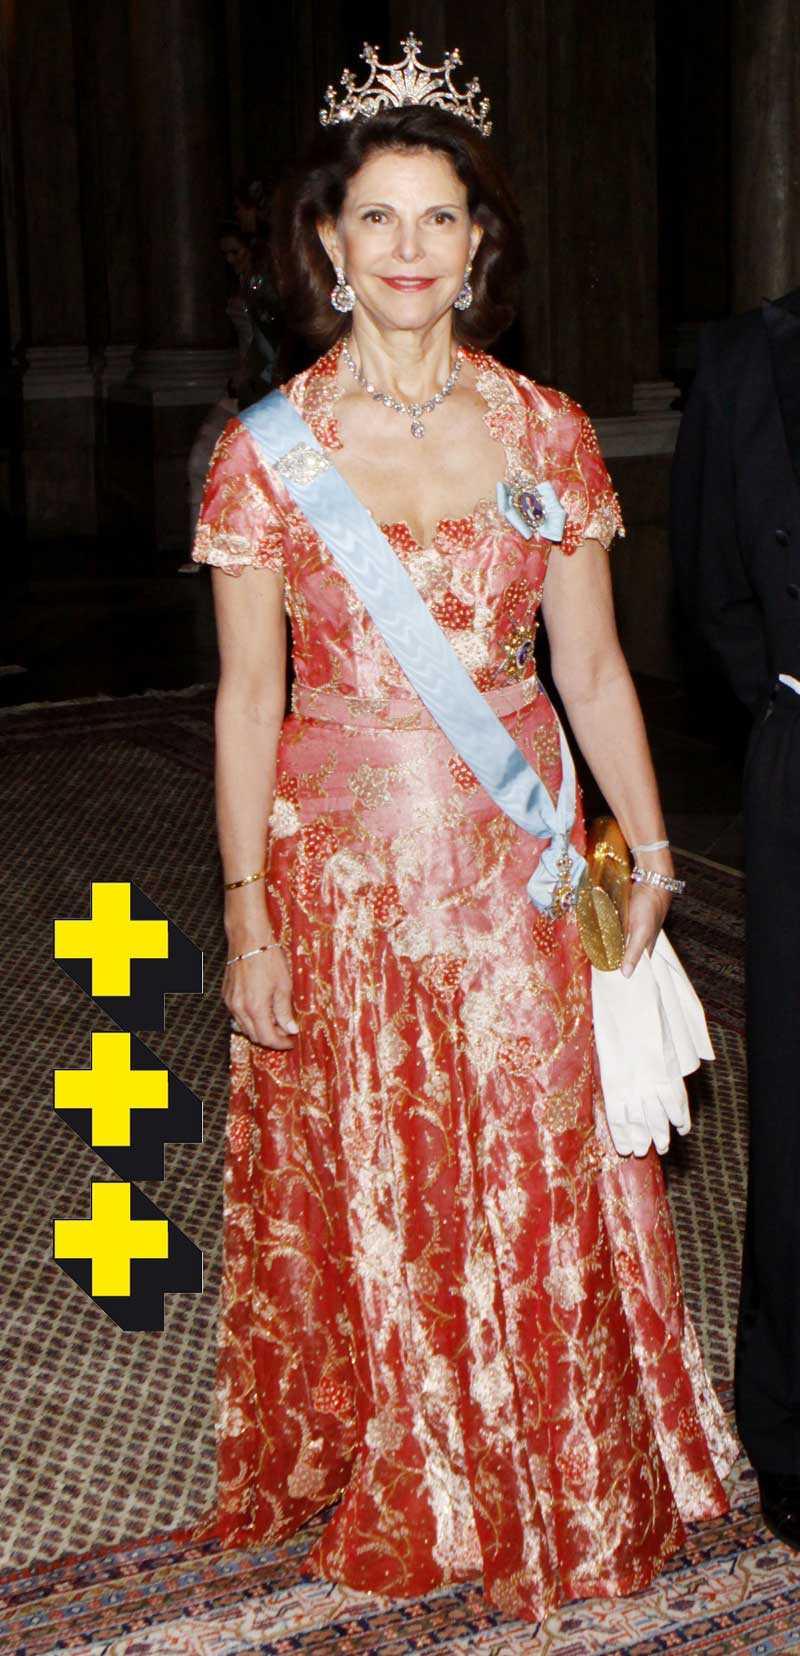 Drottning Silvia bar en liknande modell som under själva Nobelfesten. Fast här var det mycket mera färg och broderier. Jag gillade absolut den mer sobra varianten även om drottningen klär mycket bra i starka färger. Men här blev det tyvärr lite mycket av allt.